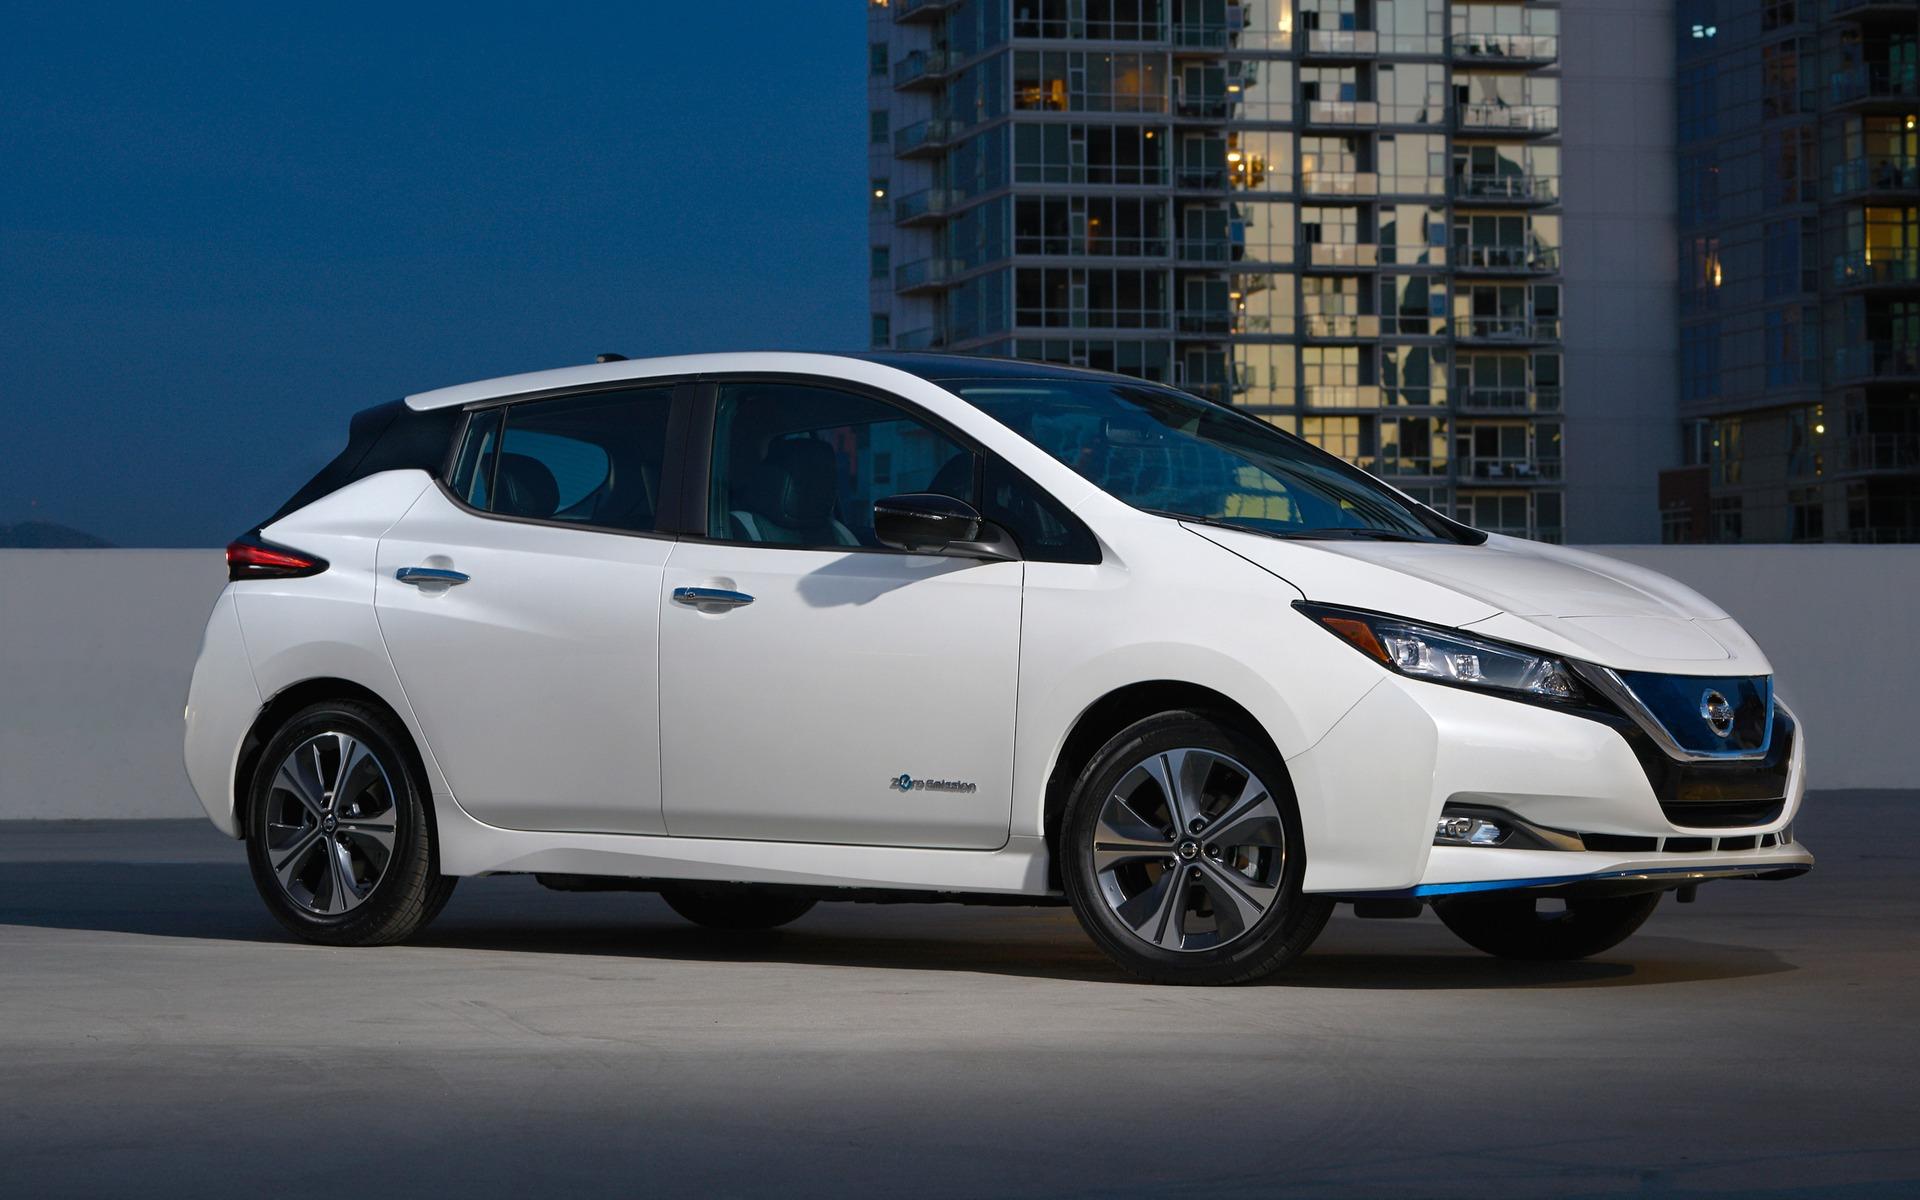 Nissan dévoile une LEAF PLUS à autonomie prolongée 362194_2019_Nissan_LEAF